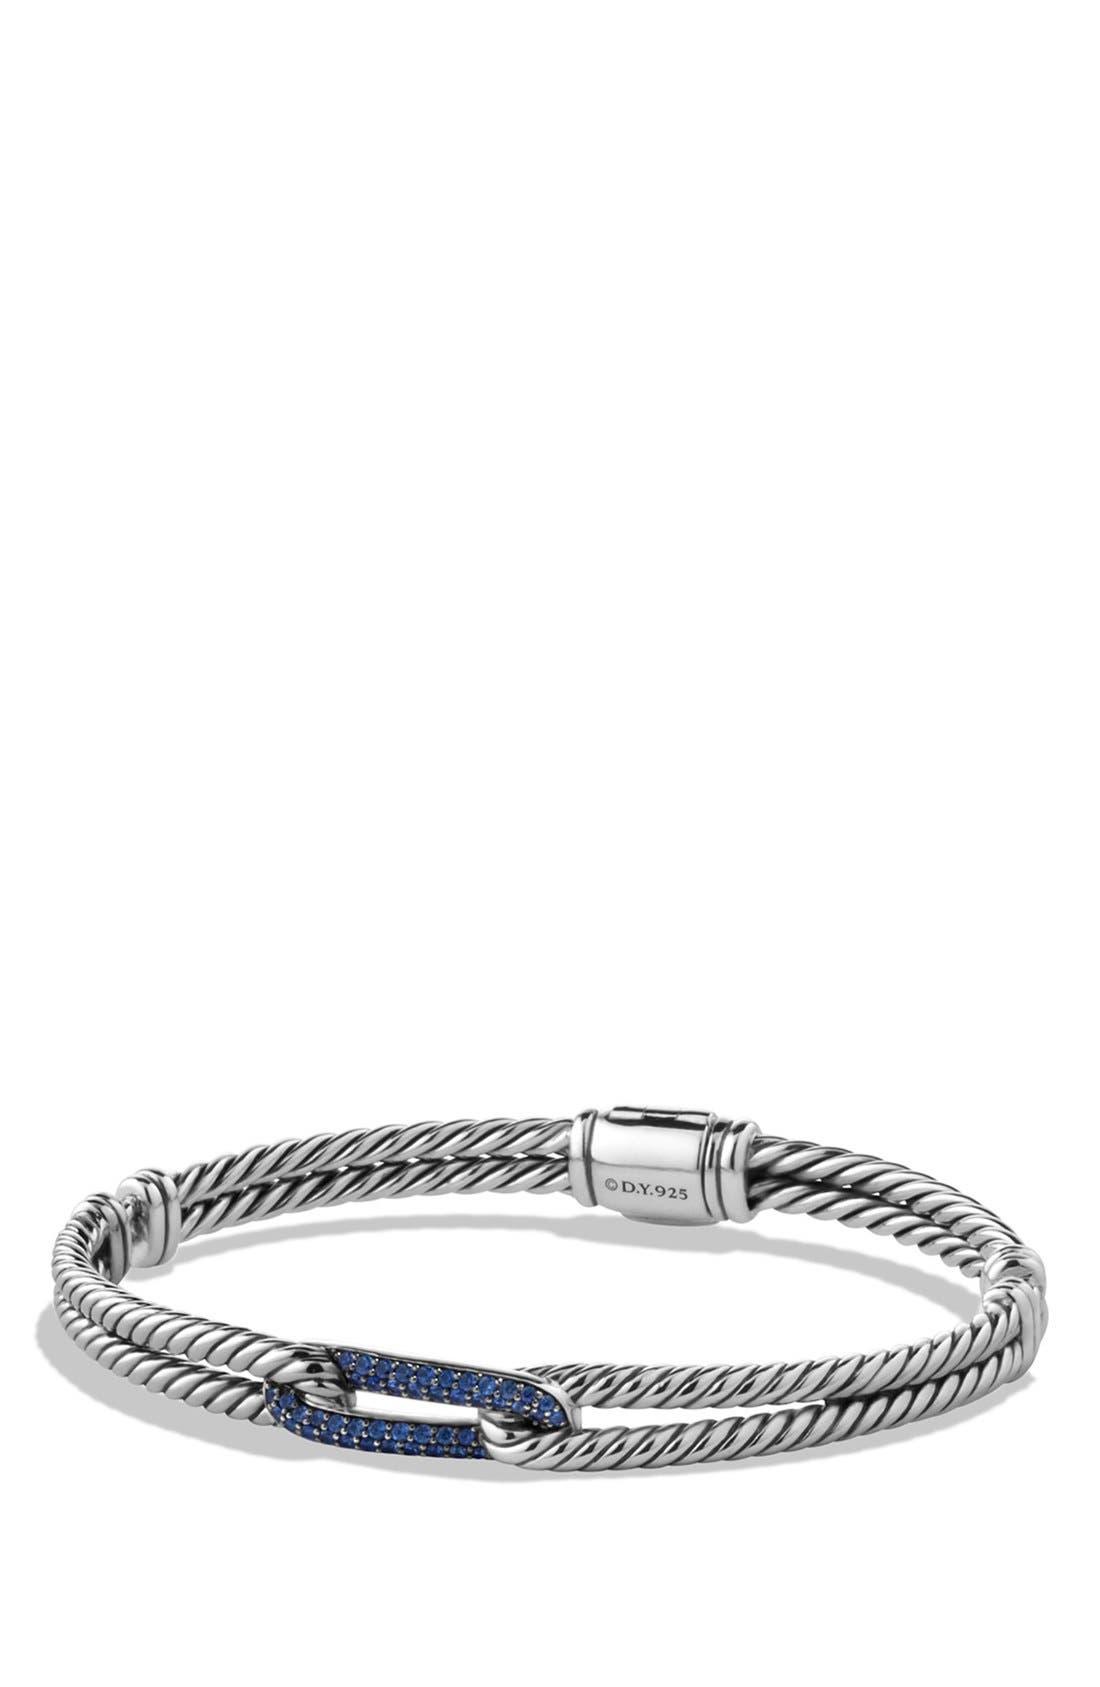 'Labyrinth' Petite Pavé Single-Loop Bracelet with Sapphires,                         Main,                         color, BLUE SAPPHIRE